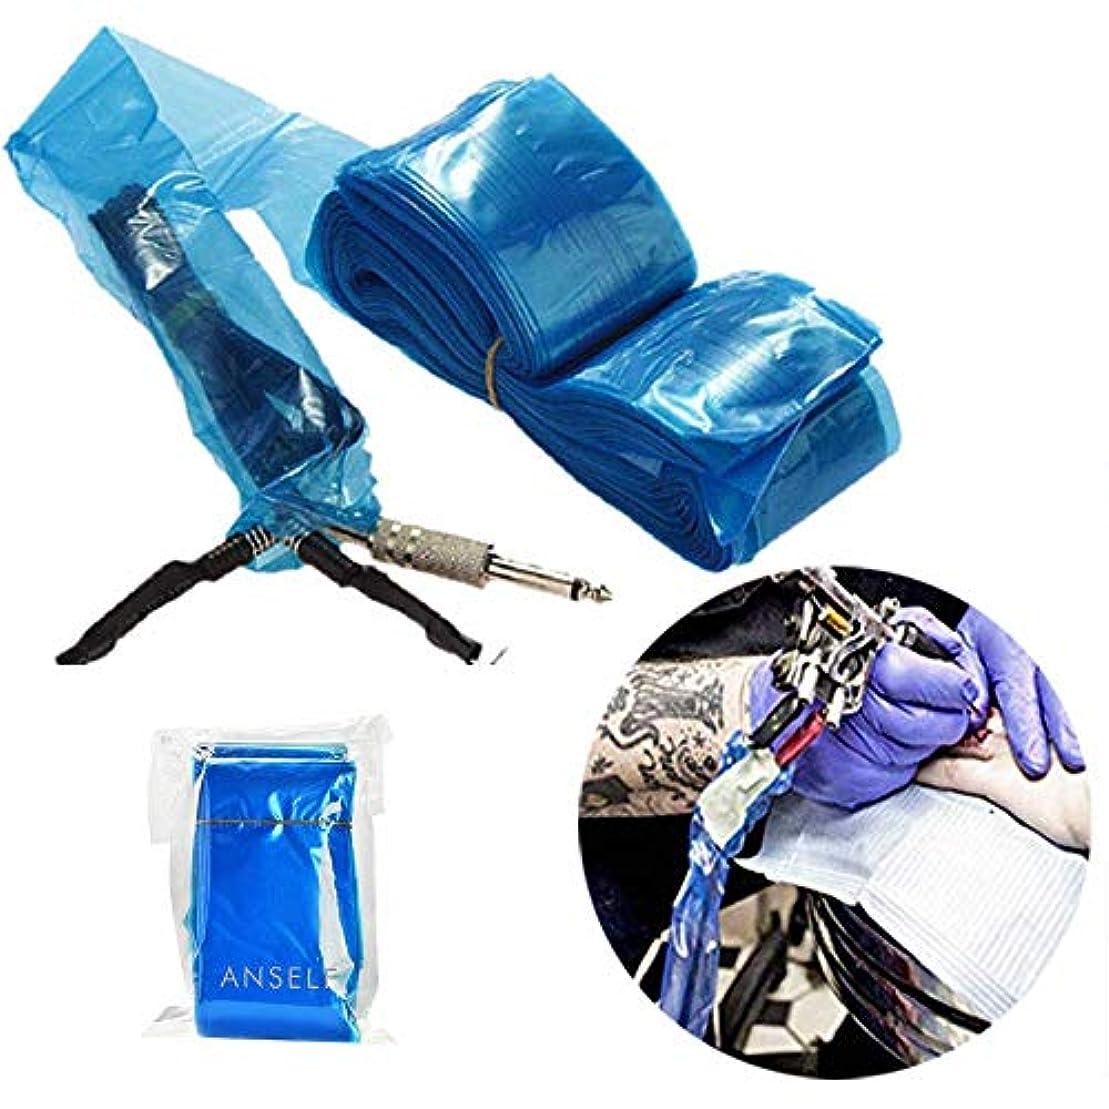 チーター排泄する直面するDecdeal タトゥークリップカバー タトゥー用品 タトゥーマシンプラスチック用使い捨てカバー 100Pcs